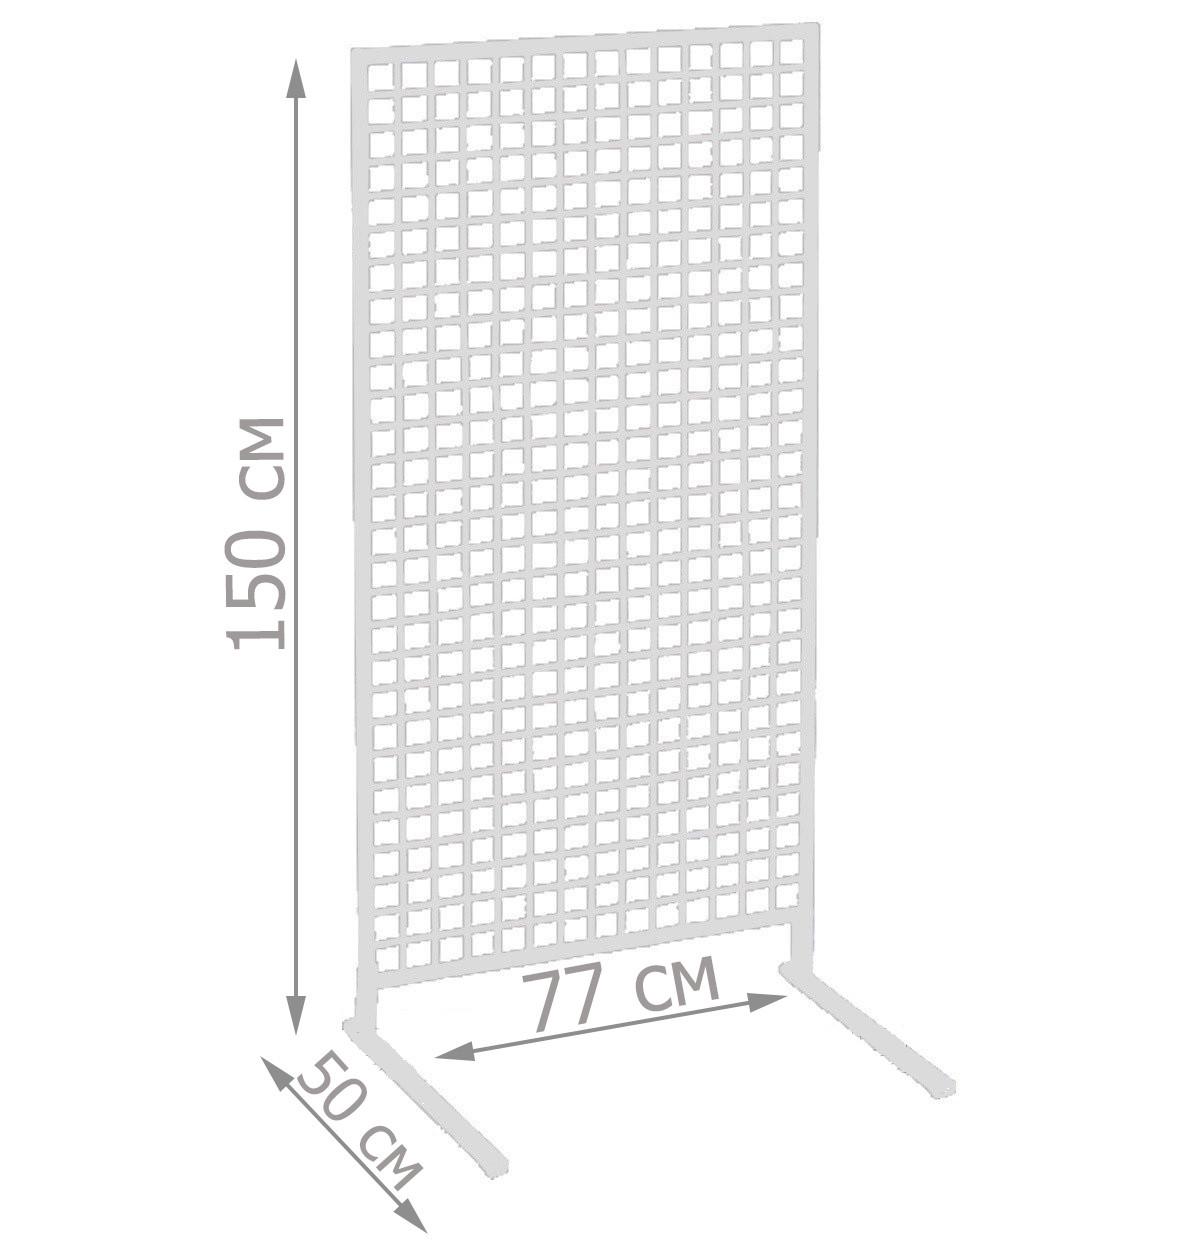 Торговая сетка стойка на ножках 150/77см (от производителя оптом и в розницу)